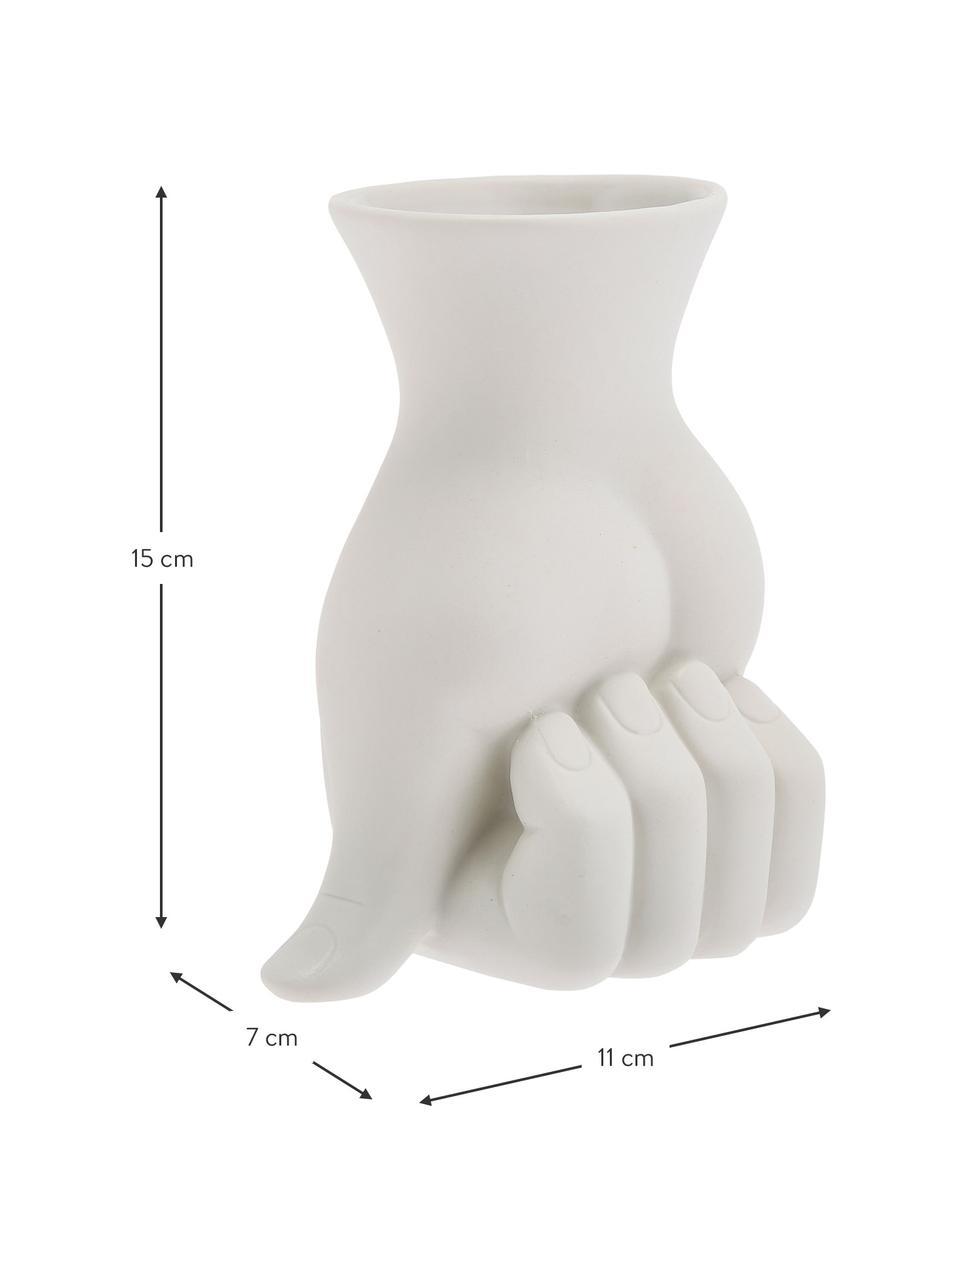 Kleine Designer-Vase Marcel aus Porzellan, Porzellan, Weiß, 11 x 18 cm